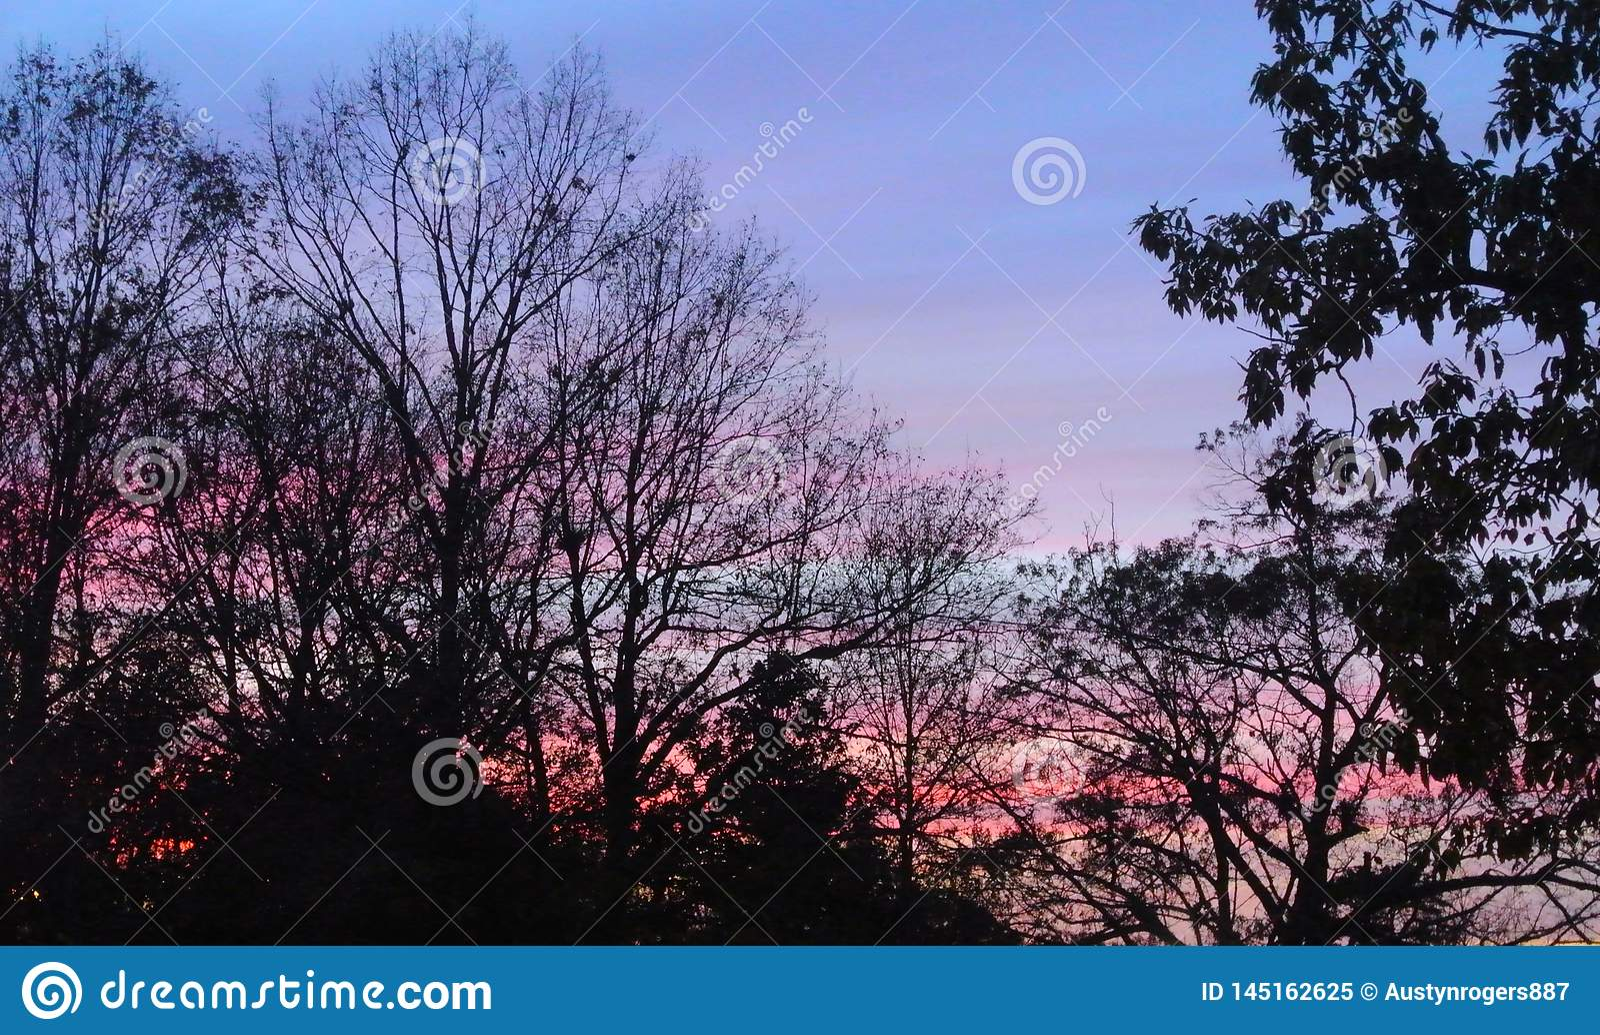 Siloet on a sunset